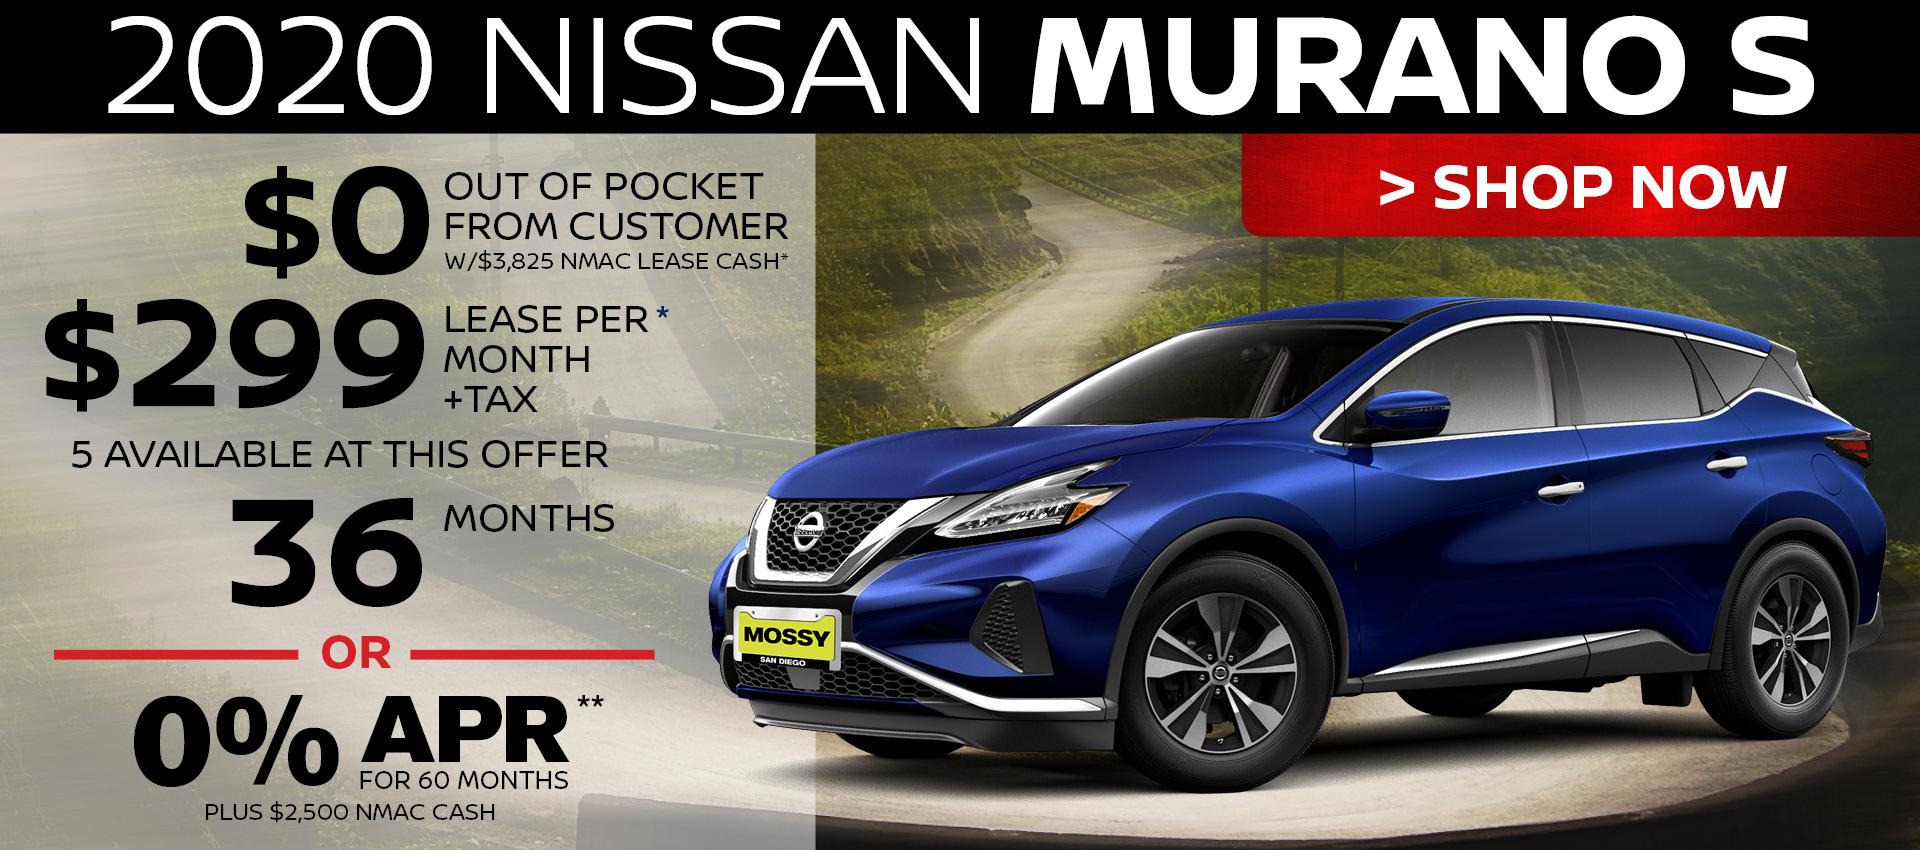 Mossy Nissan - Murano HP